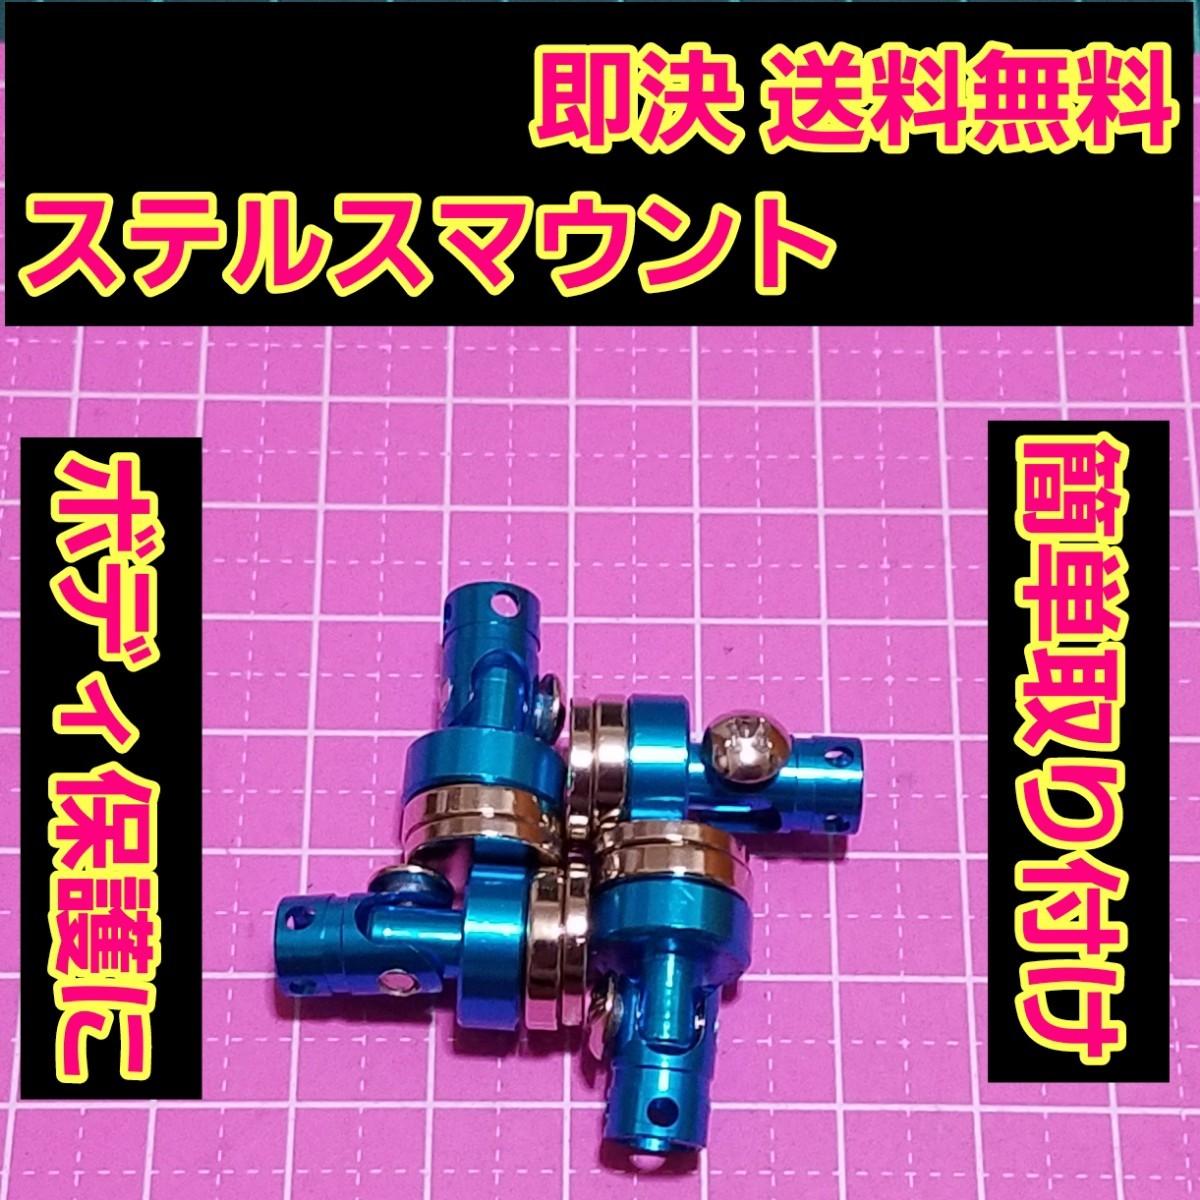 ステルス ボディ マウント ブルー    ラジコン ドリパケ TT01 ボディ